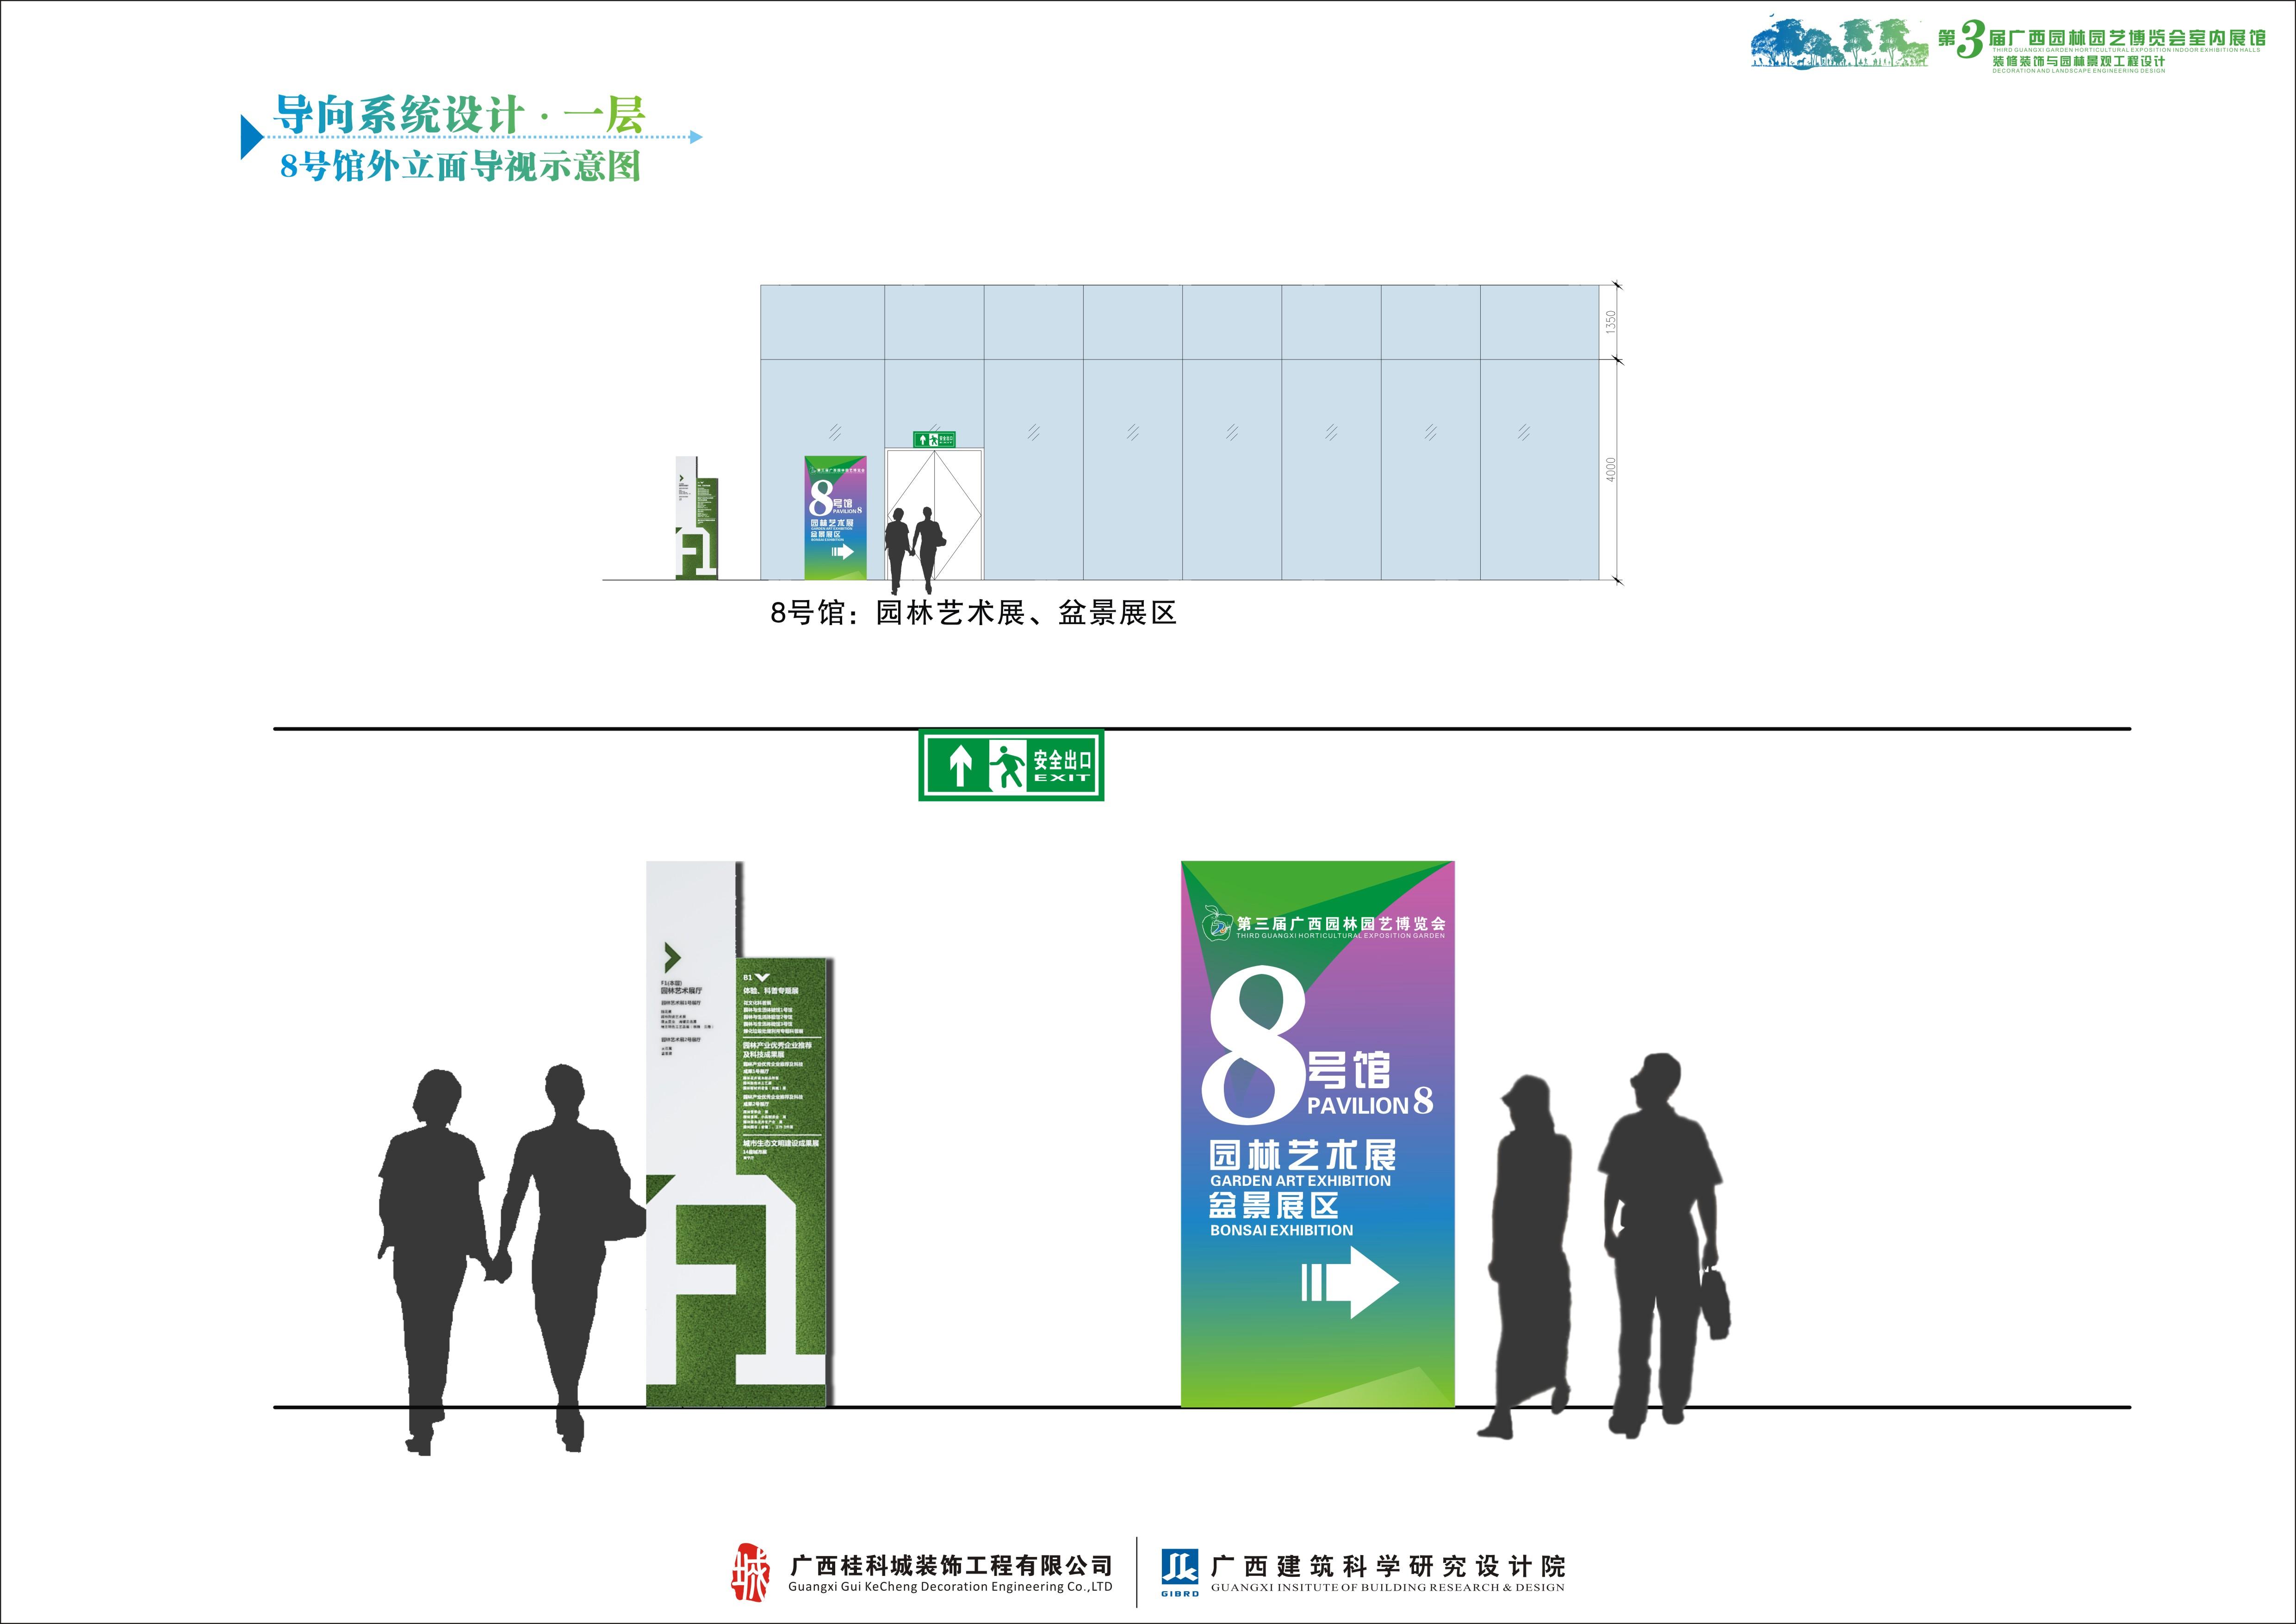 第3届广西园博会主展馆·导视系统设计图片